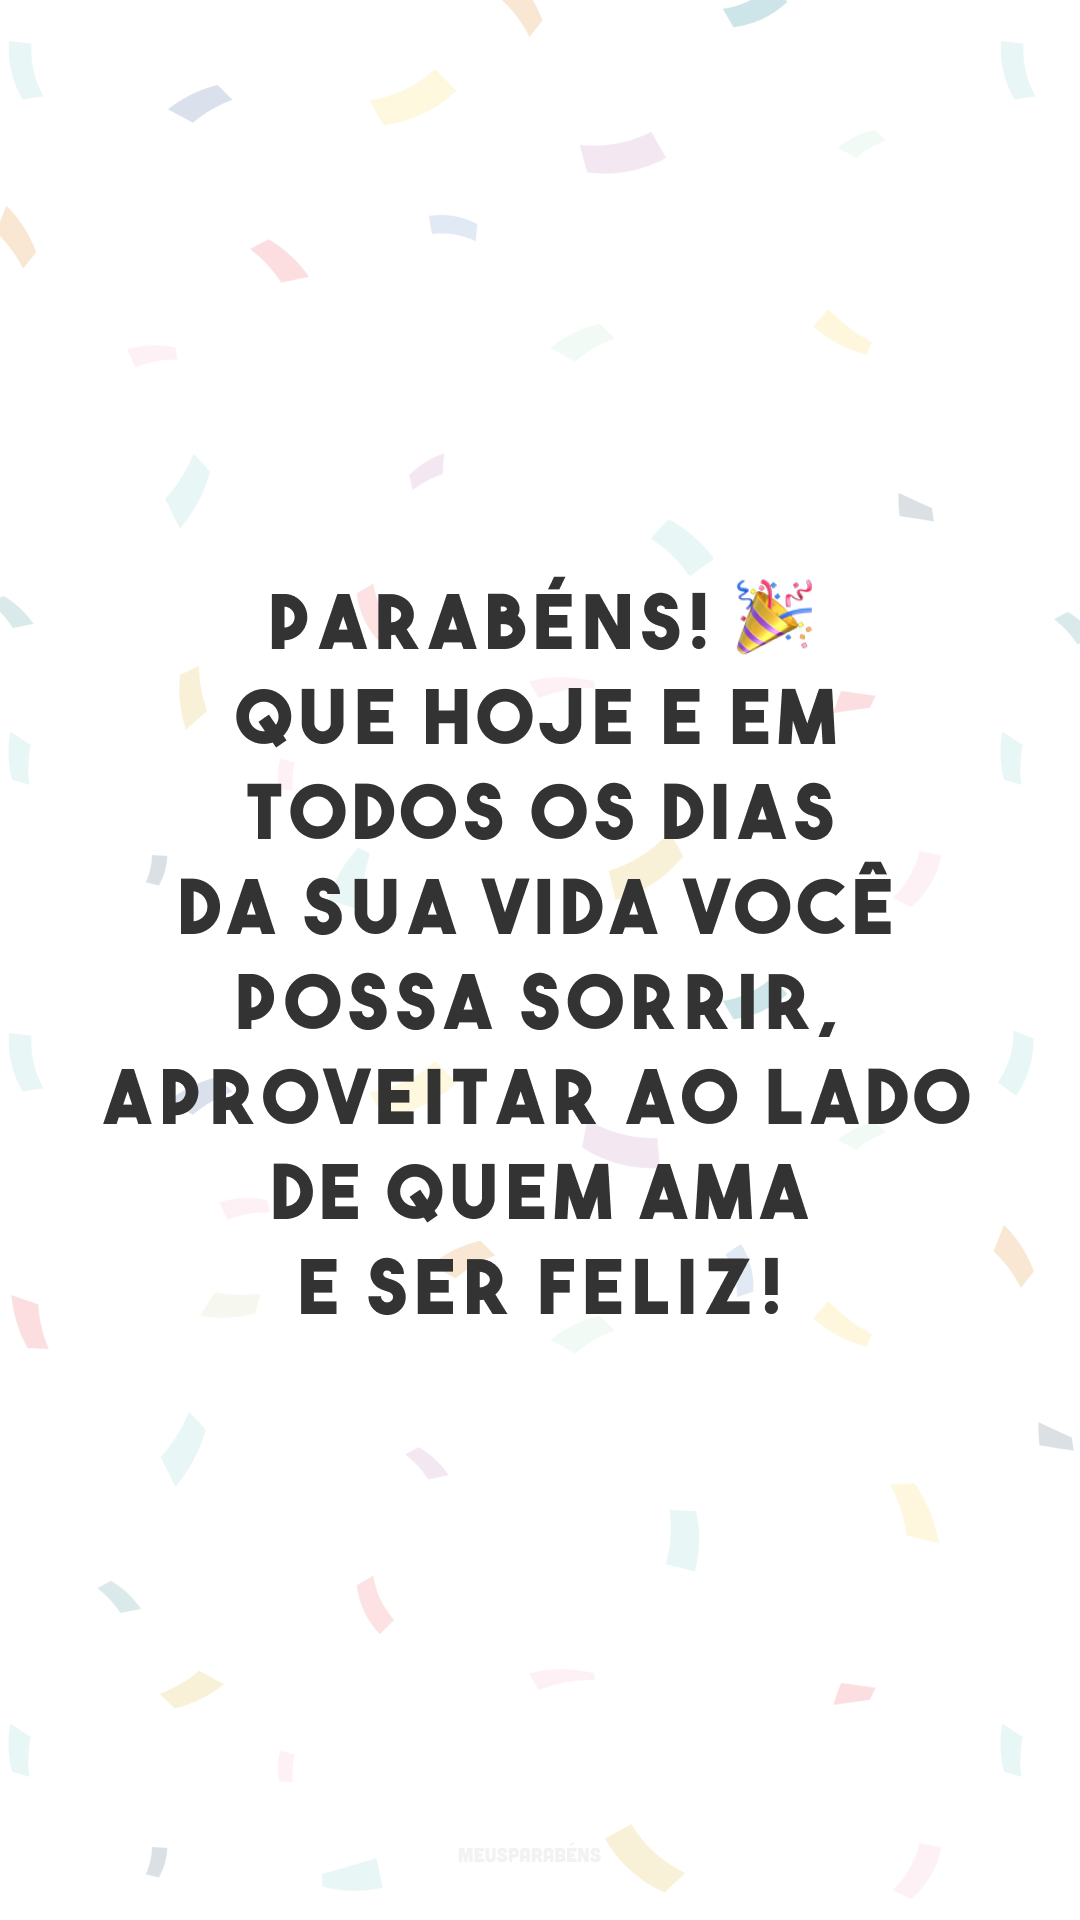 Parabéns! 🎉 Que hoje e em todos os dias da sua vida você possa sorrir, aproveitar ao lado de quem ama e ser feliz!